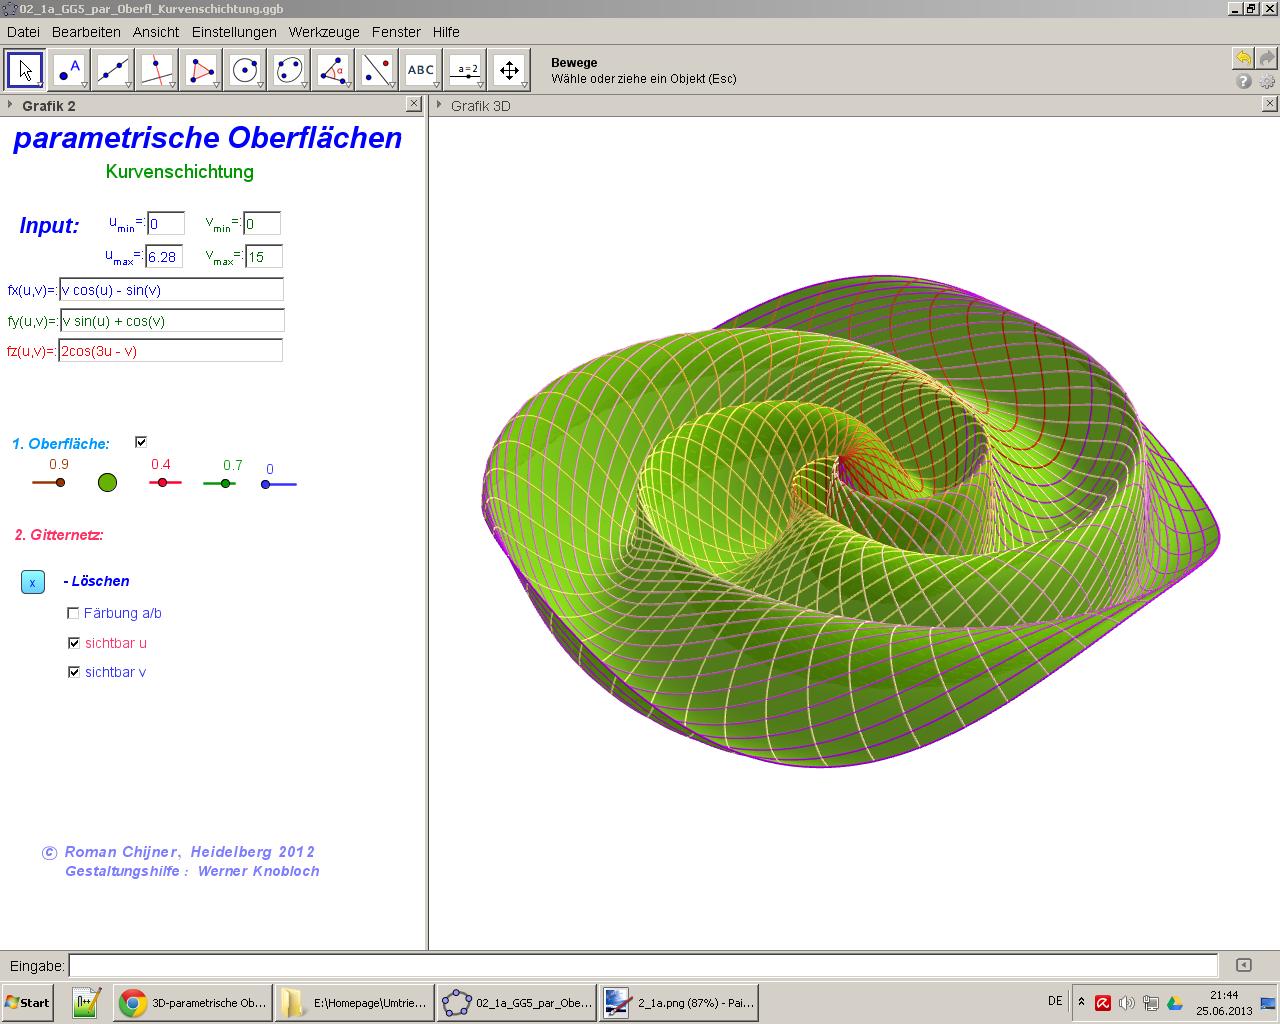 3D-parametrische Oberflaechen